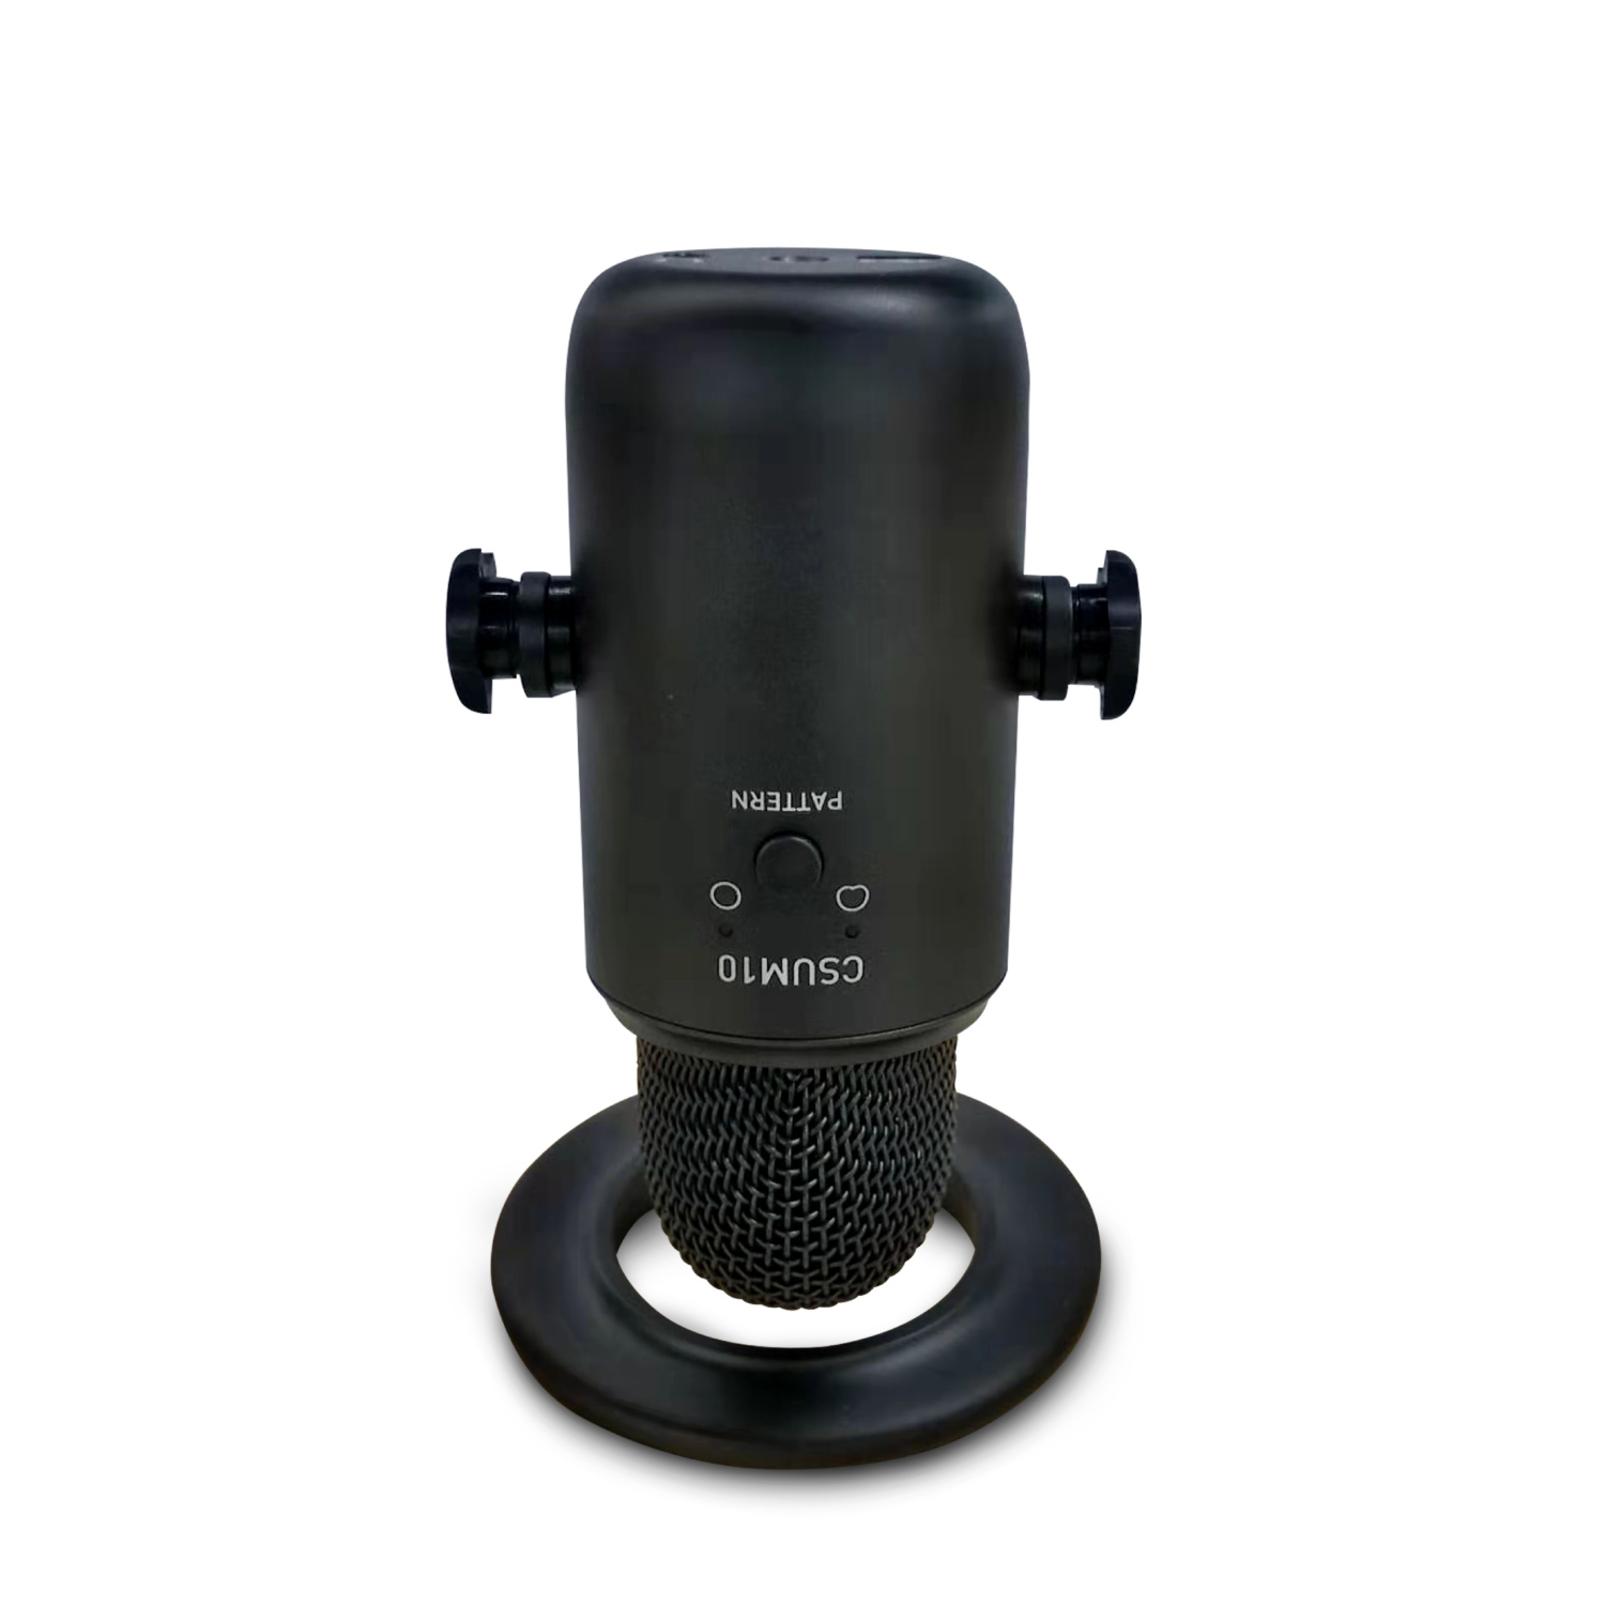 JBLCSUM10 - Black - Compact USB Microphone - Detailshot 4